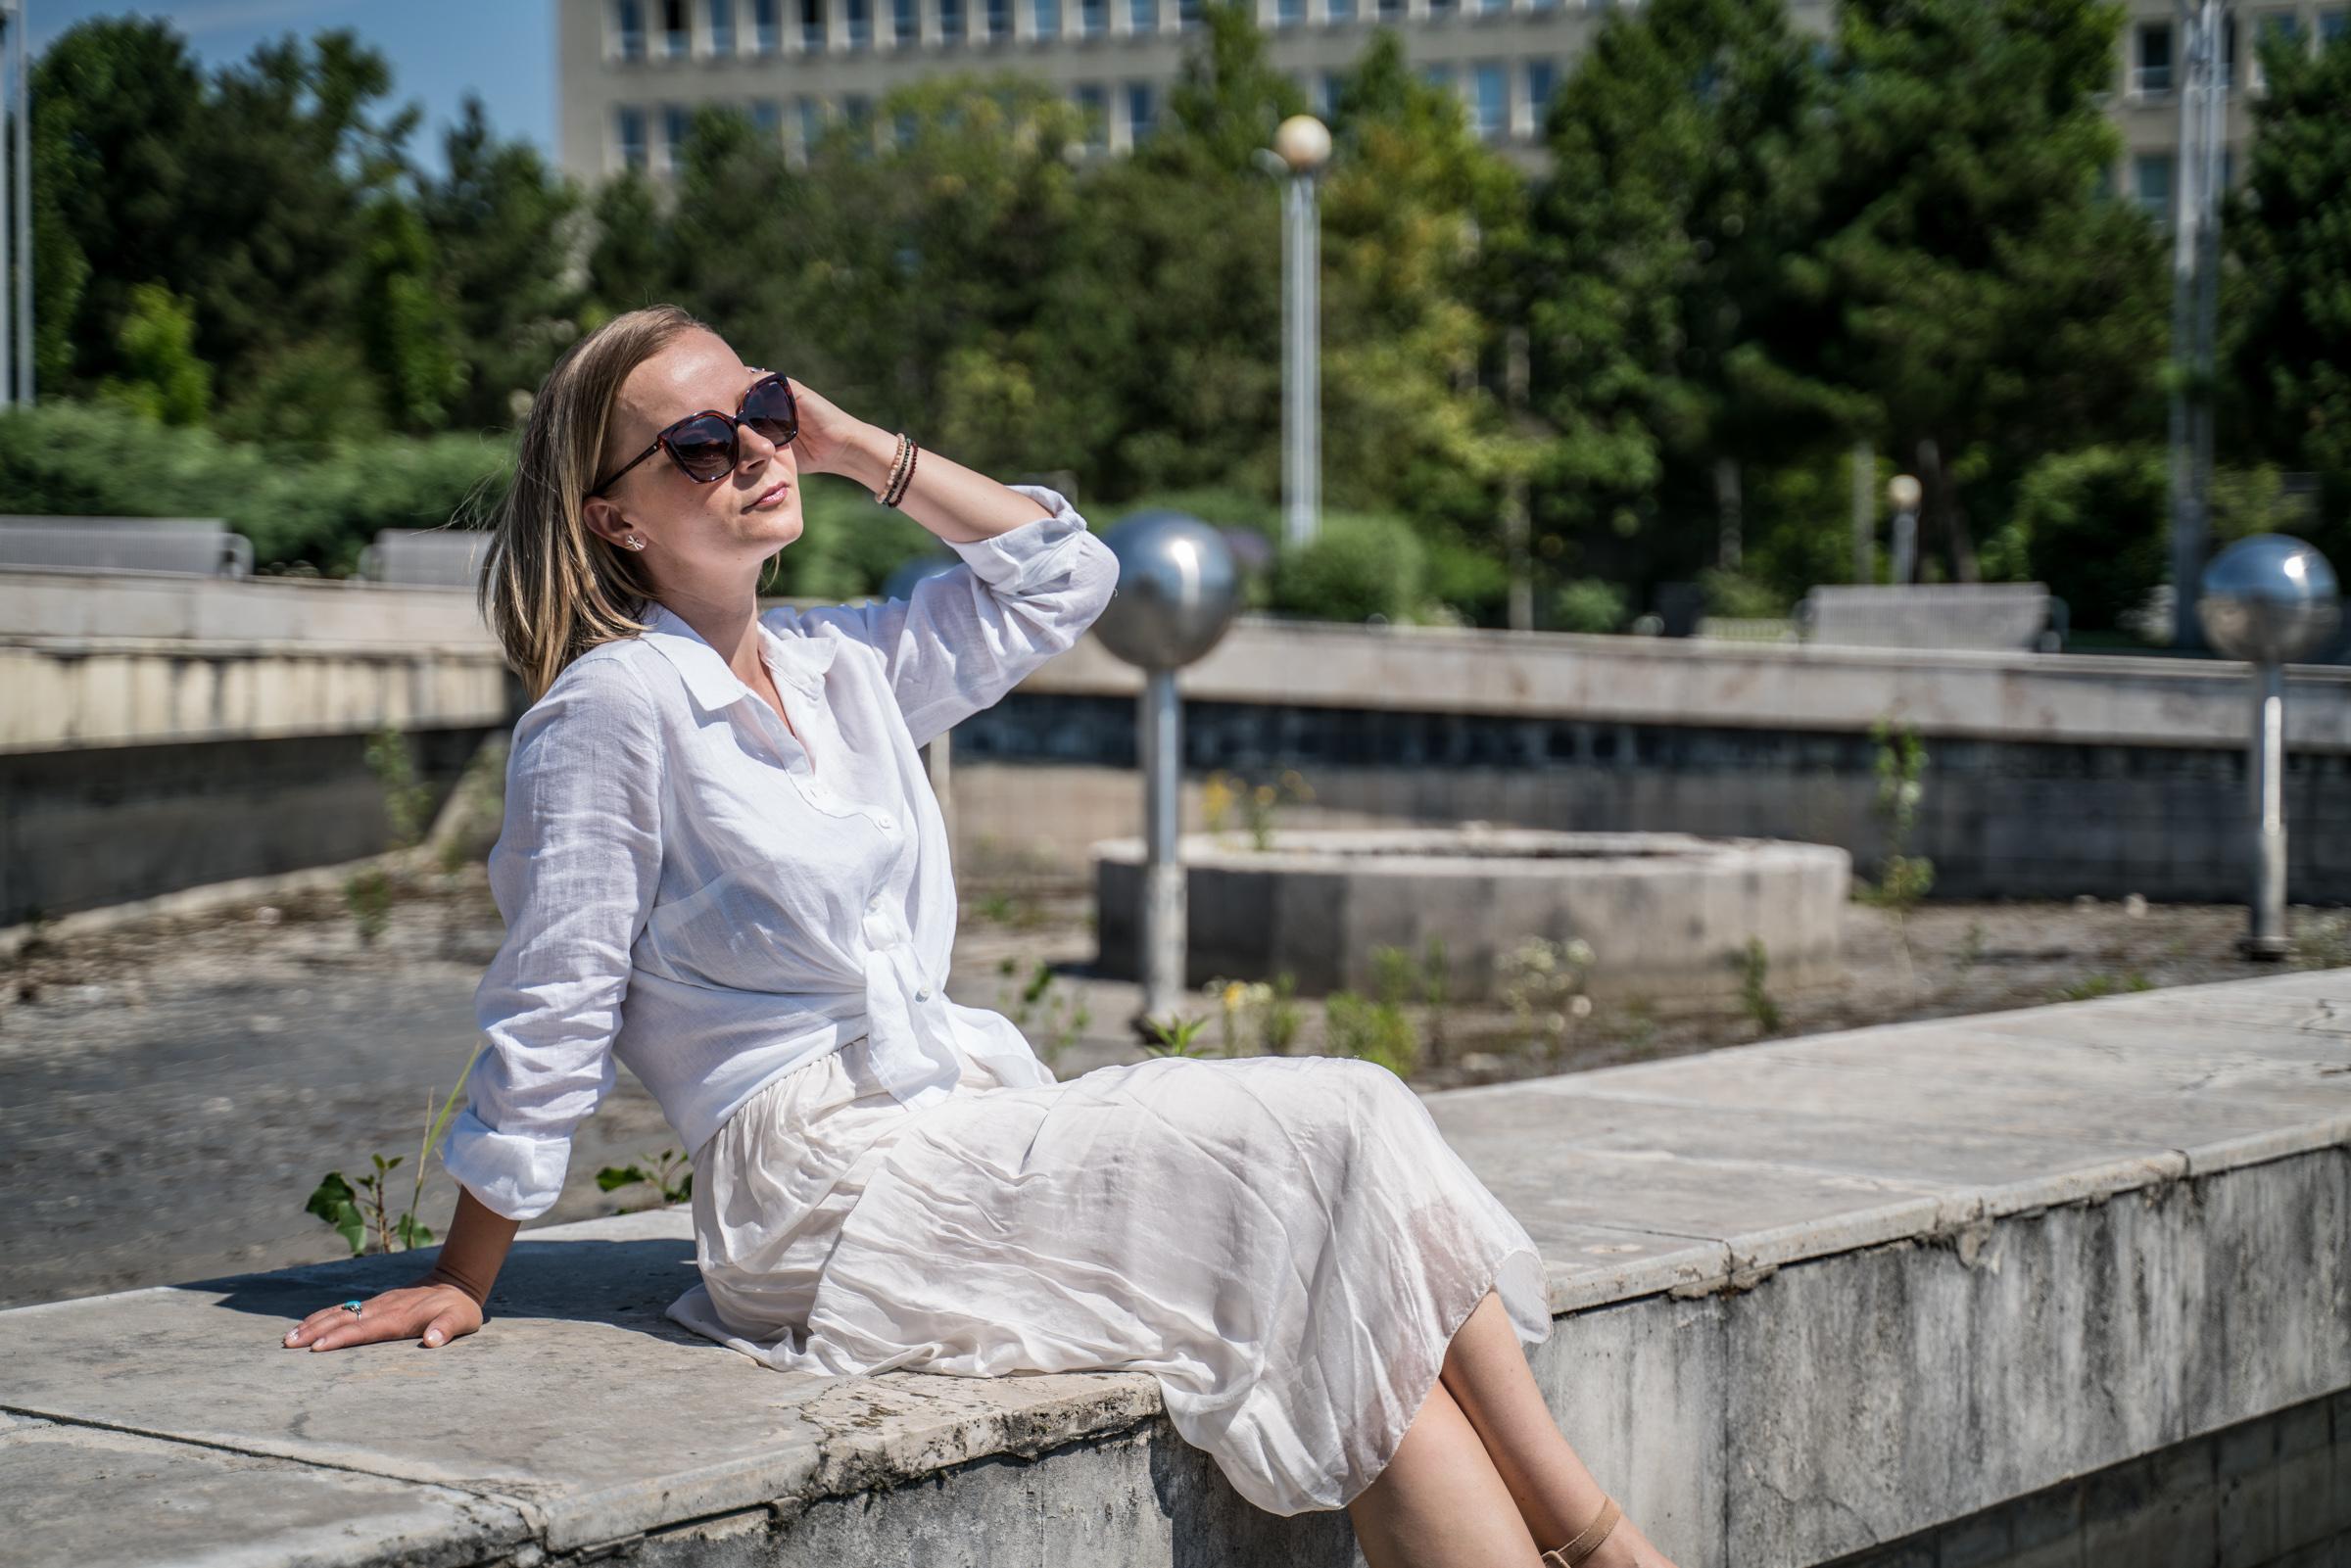 Evka Petrickova Heroes